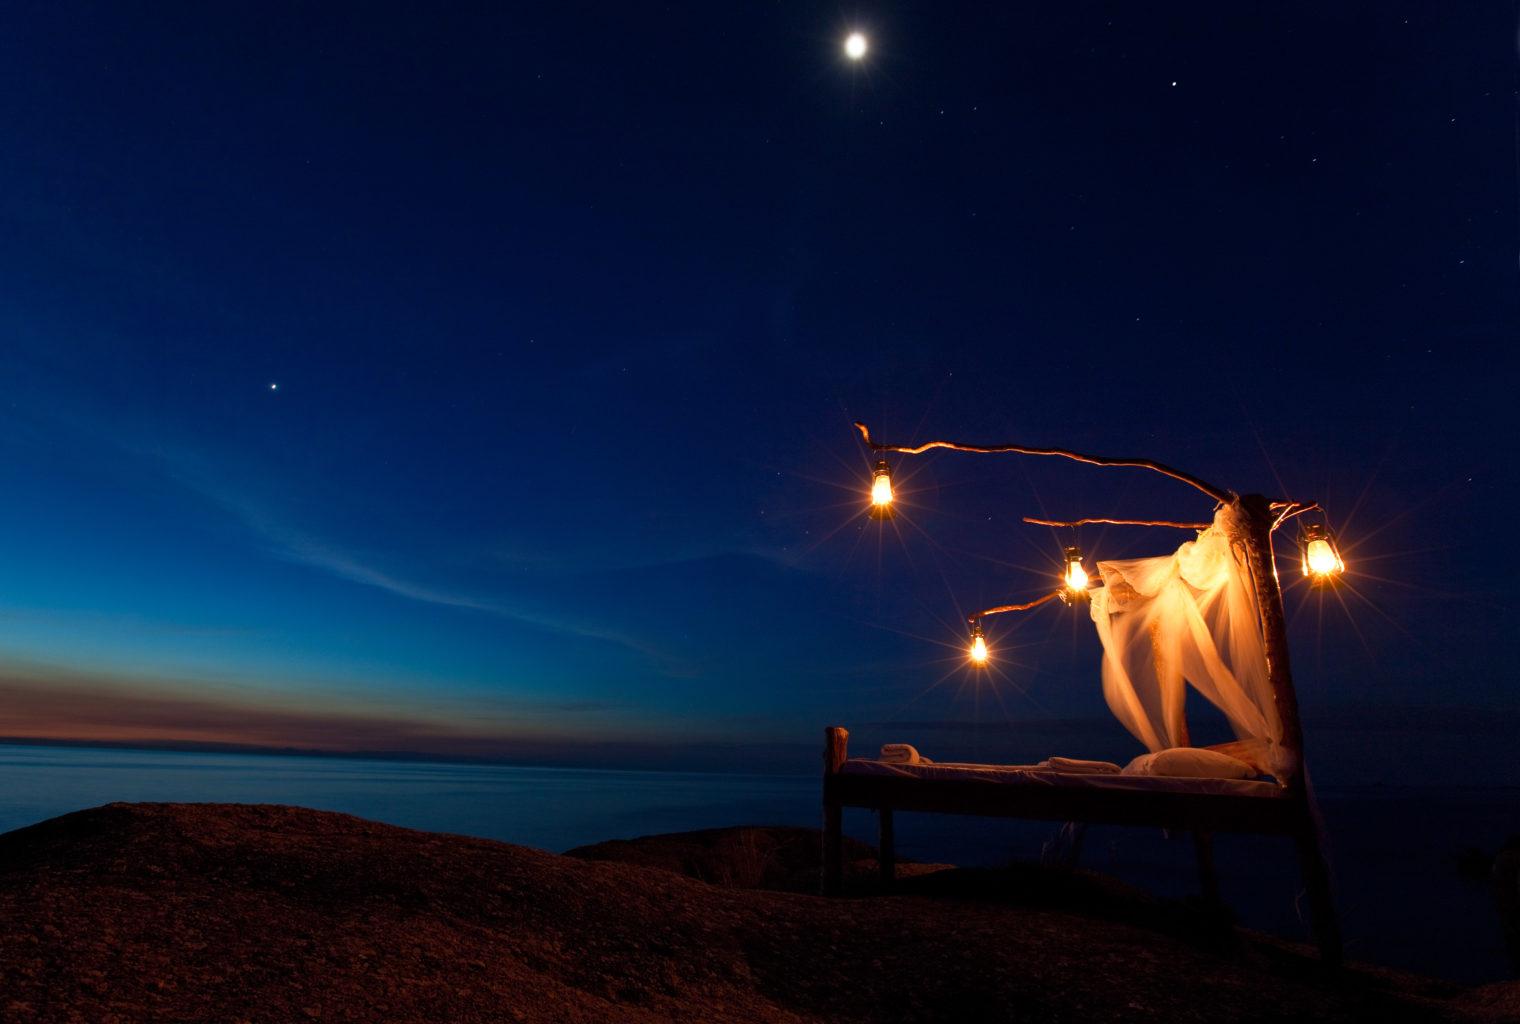 Nkwichi Lodge Malawi Starbed Night